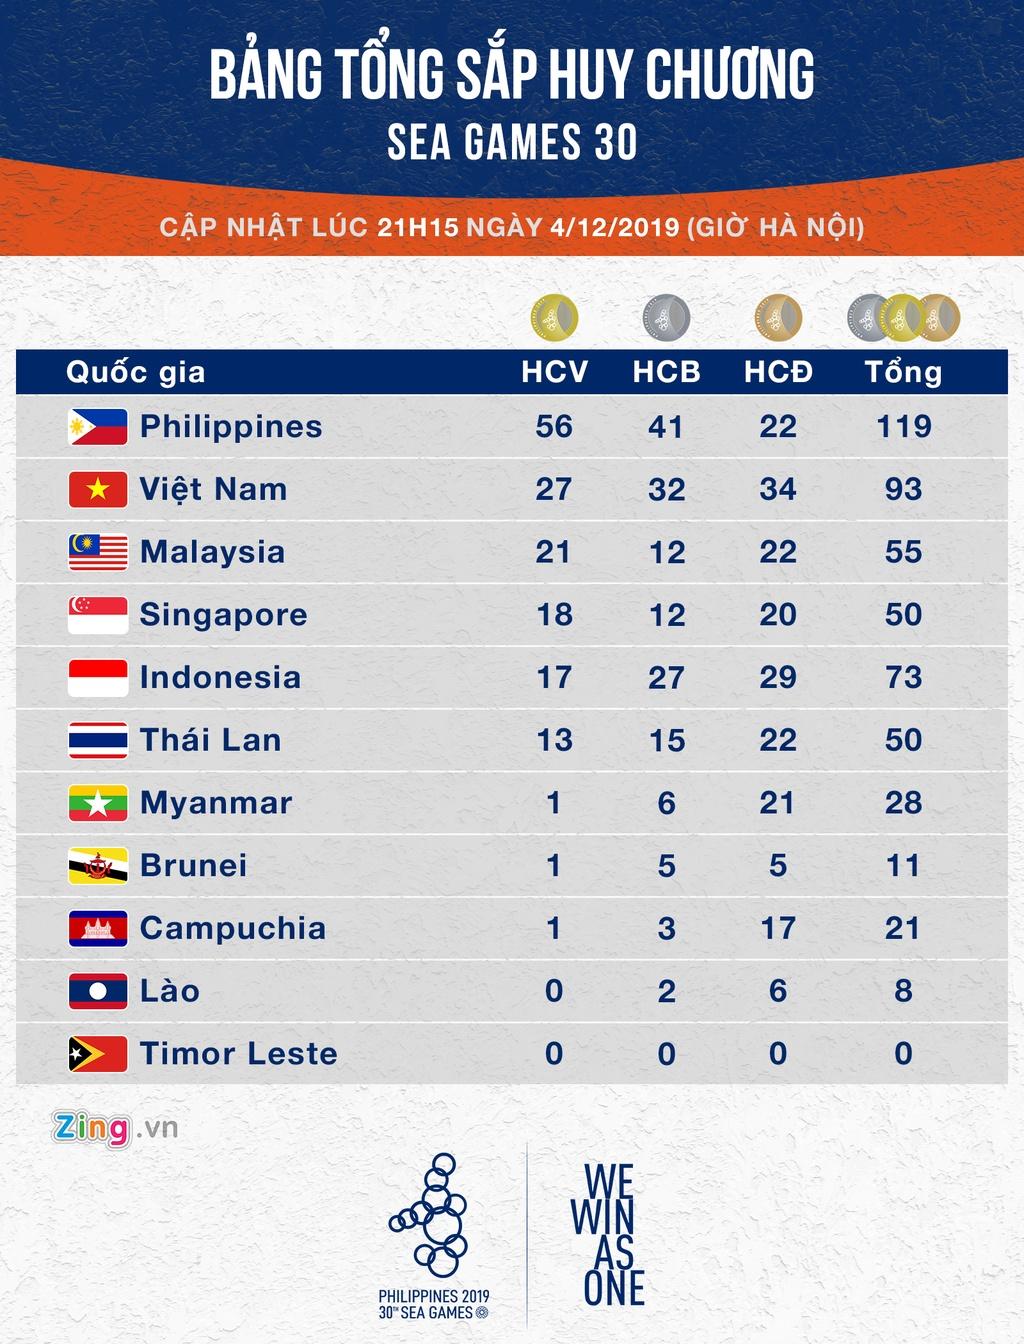 Bang tong sap huy chuong SEA Games 30: Viet Nam co them 4 HCV hinh anh 1